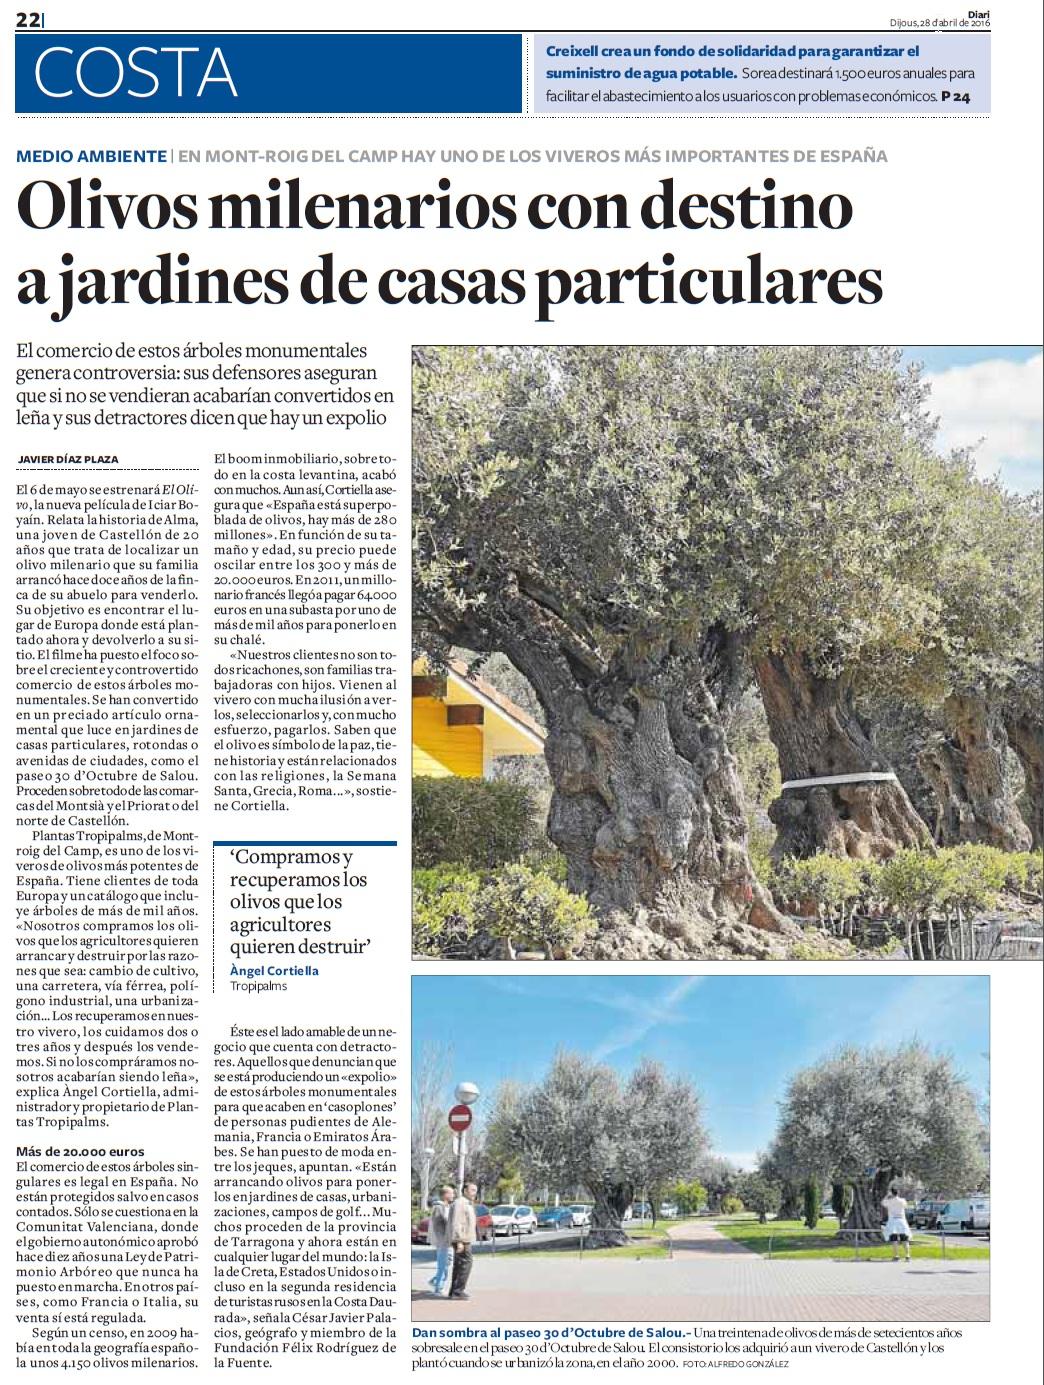 Godall blog olivos milenarios con destino a jardines for Jardines de casas particulares